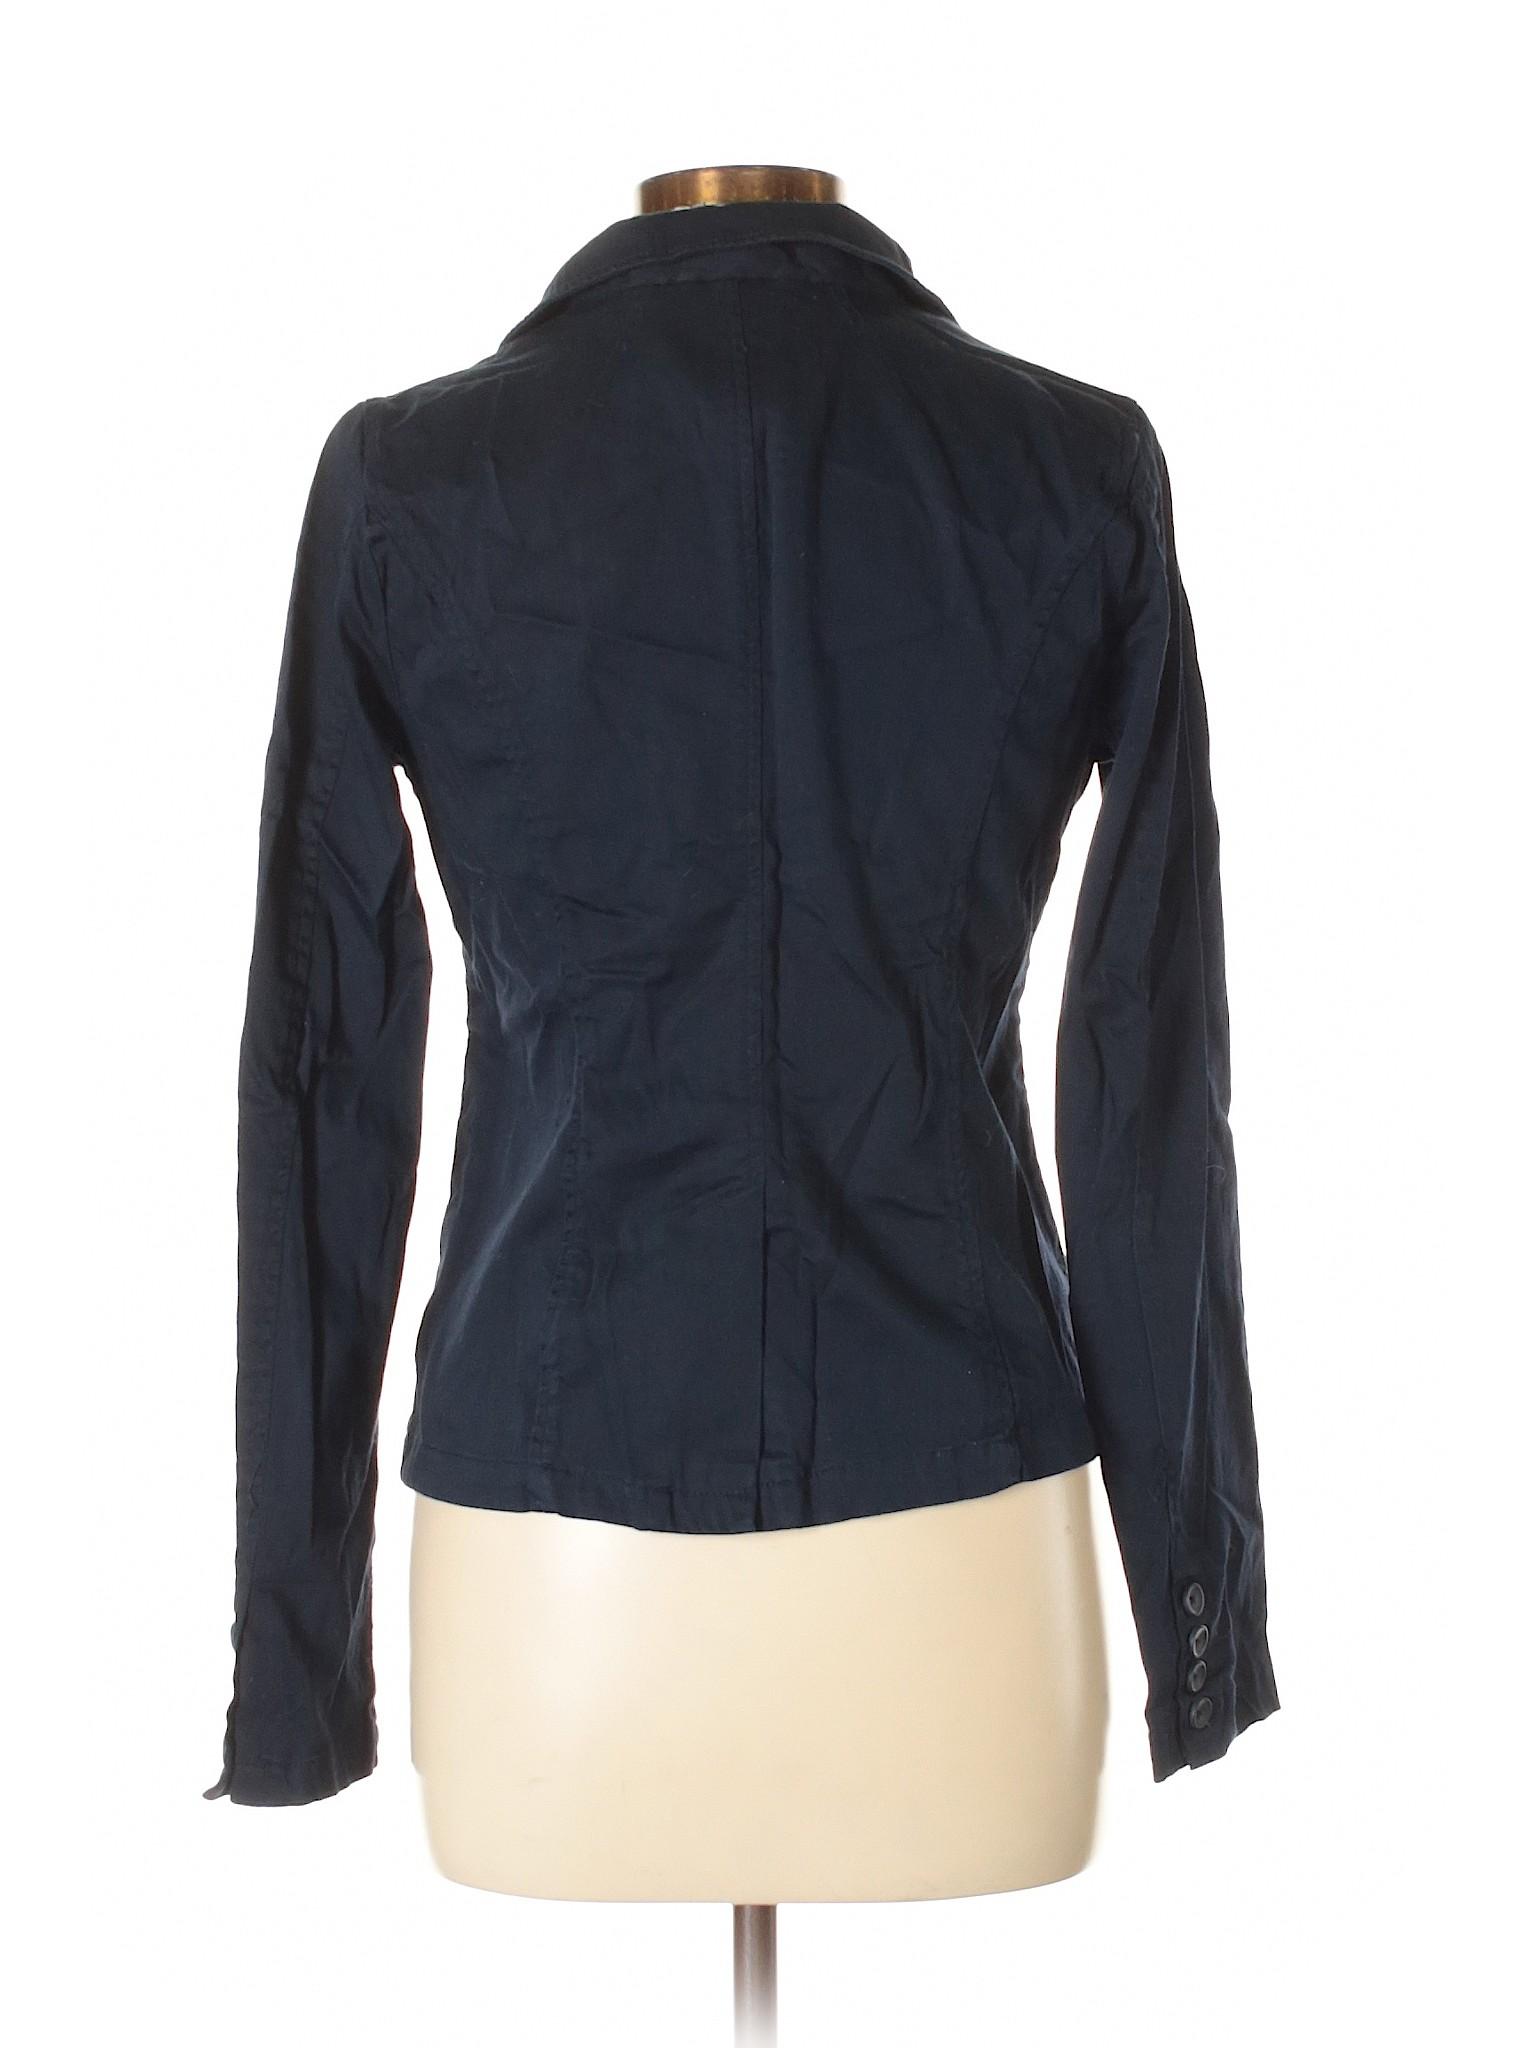 Delia Boutique Boutique leisure leisure Blazer rqt0c4P0Sw